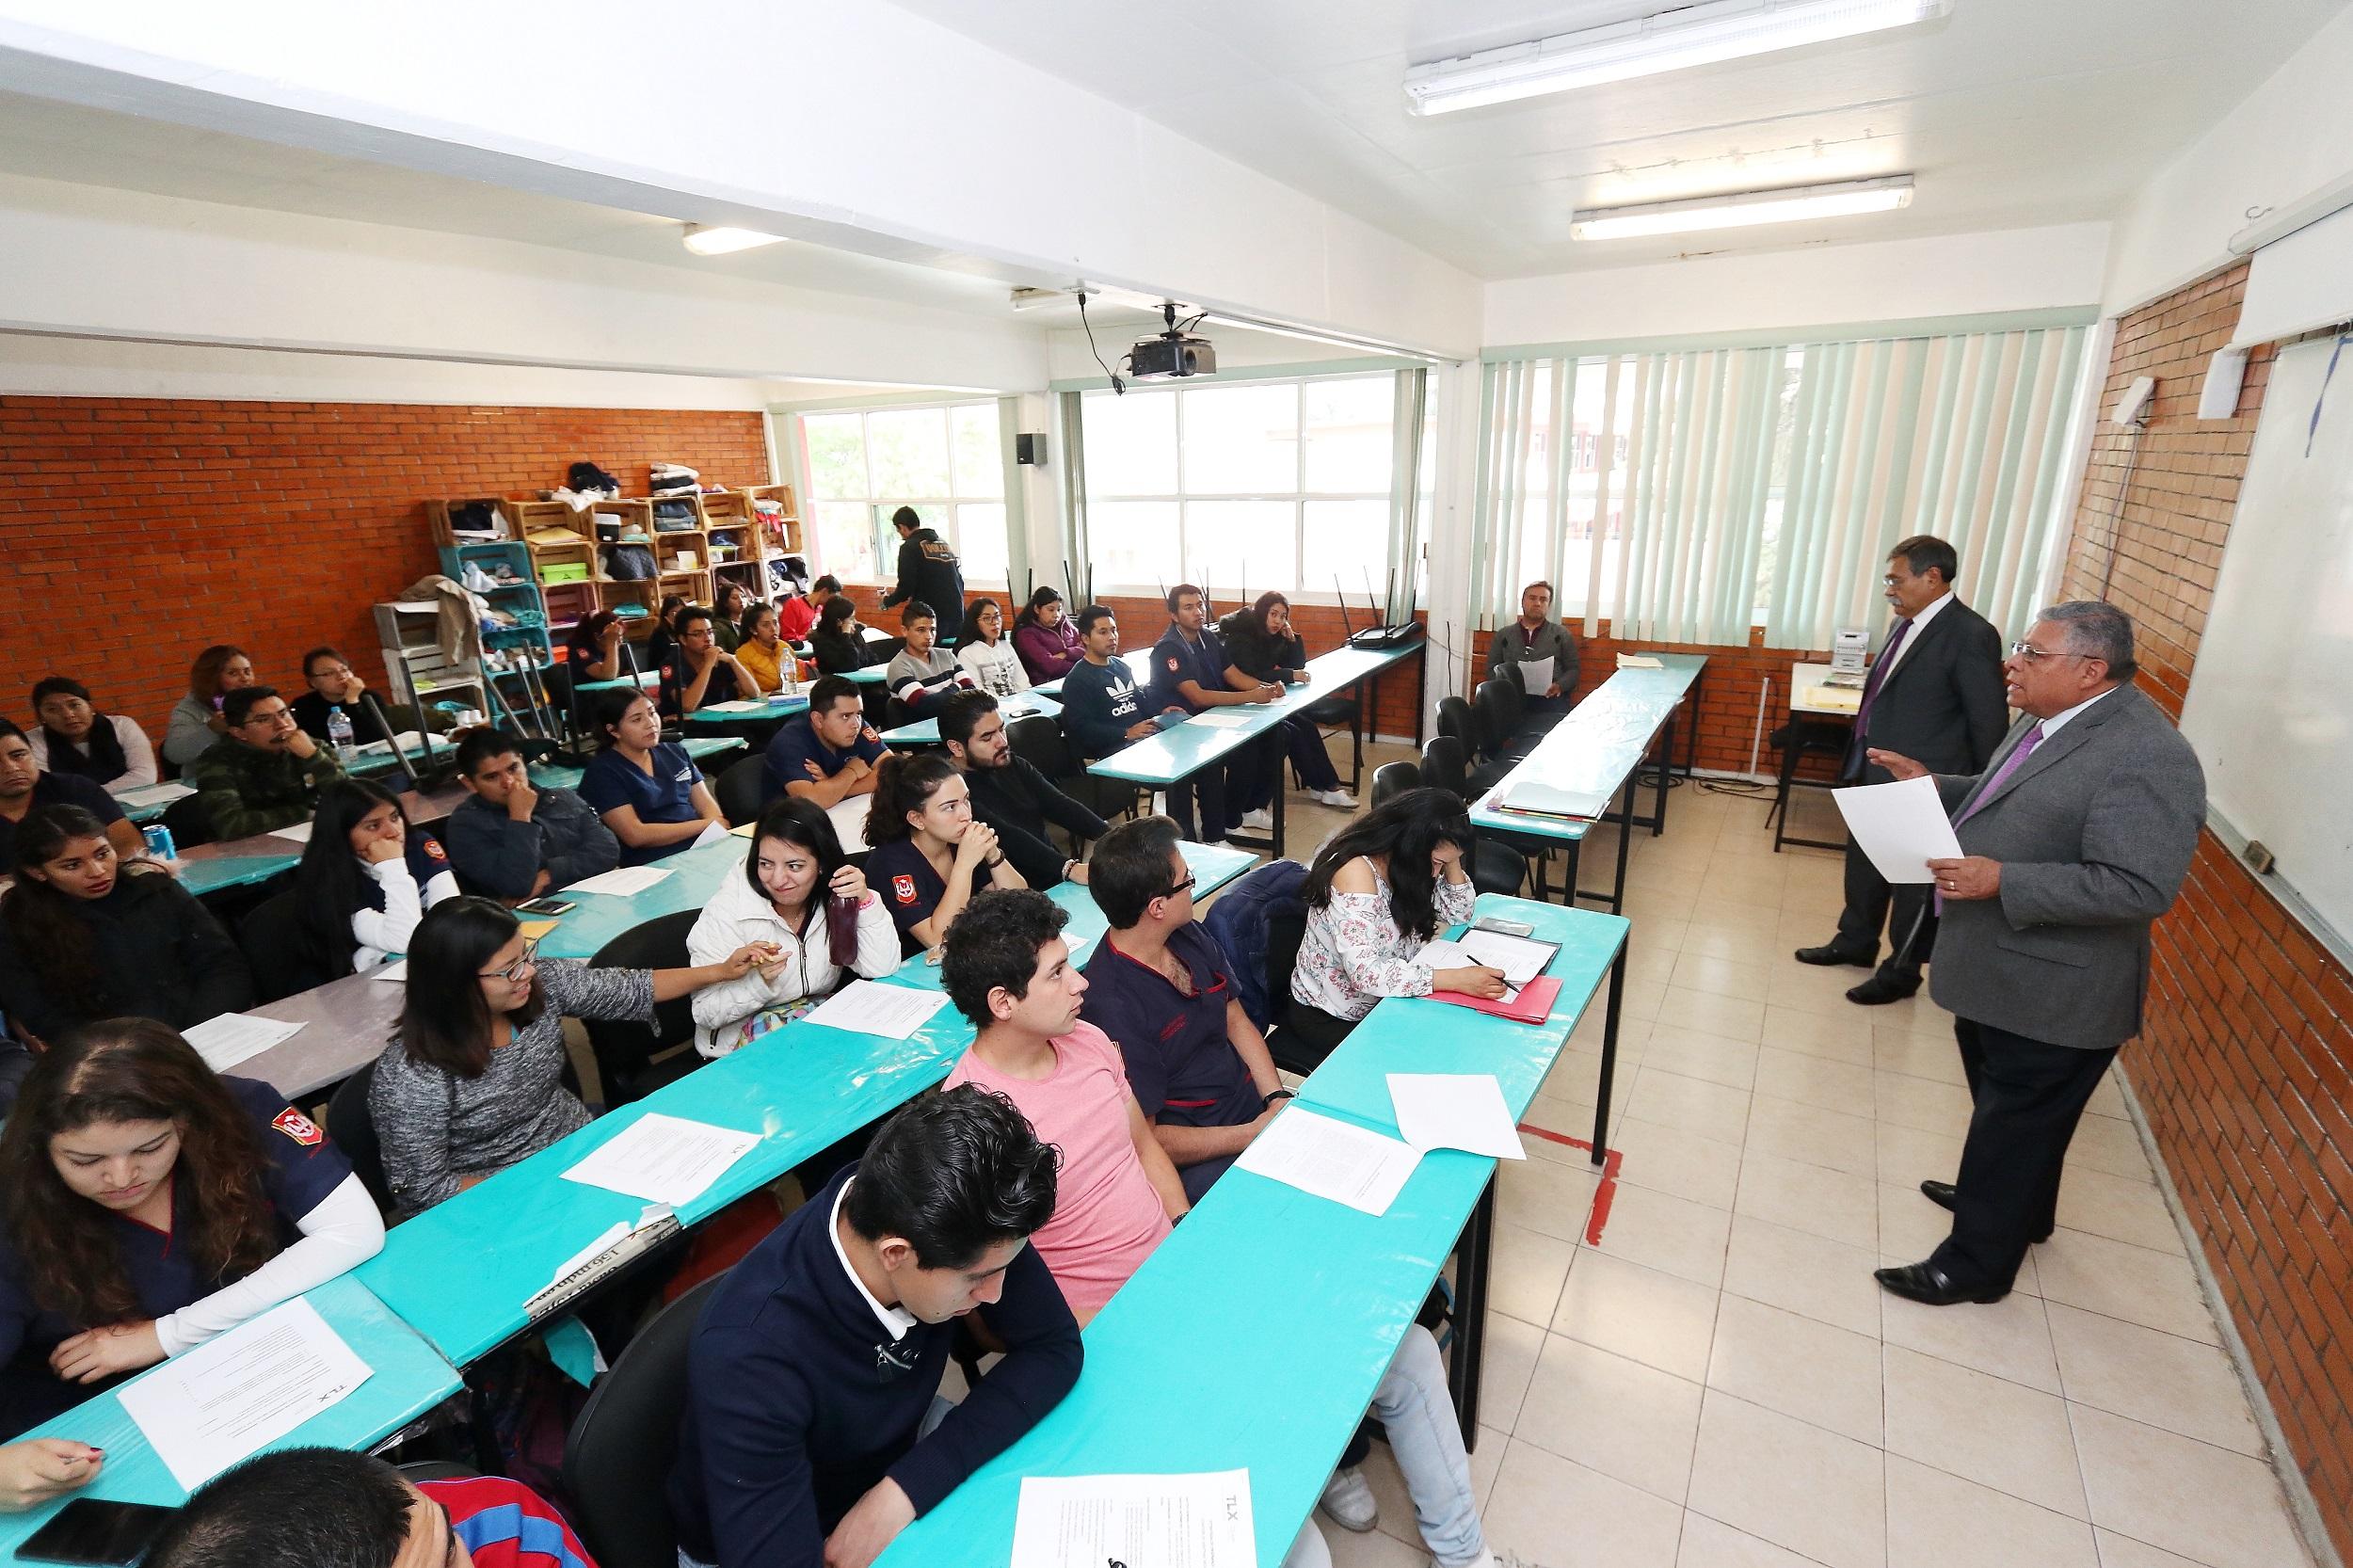 11 Capacitan a estudiantes de la UATx en implicaciones legales de la atención médica (1)